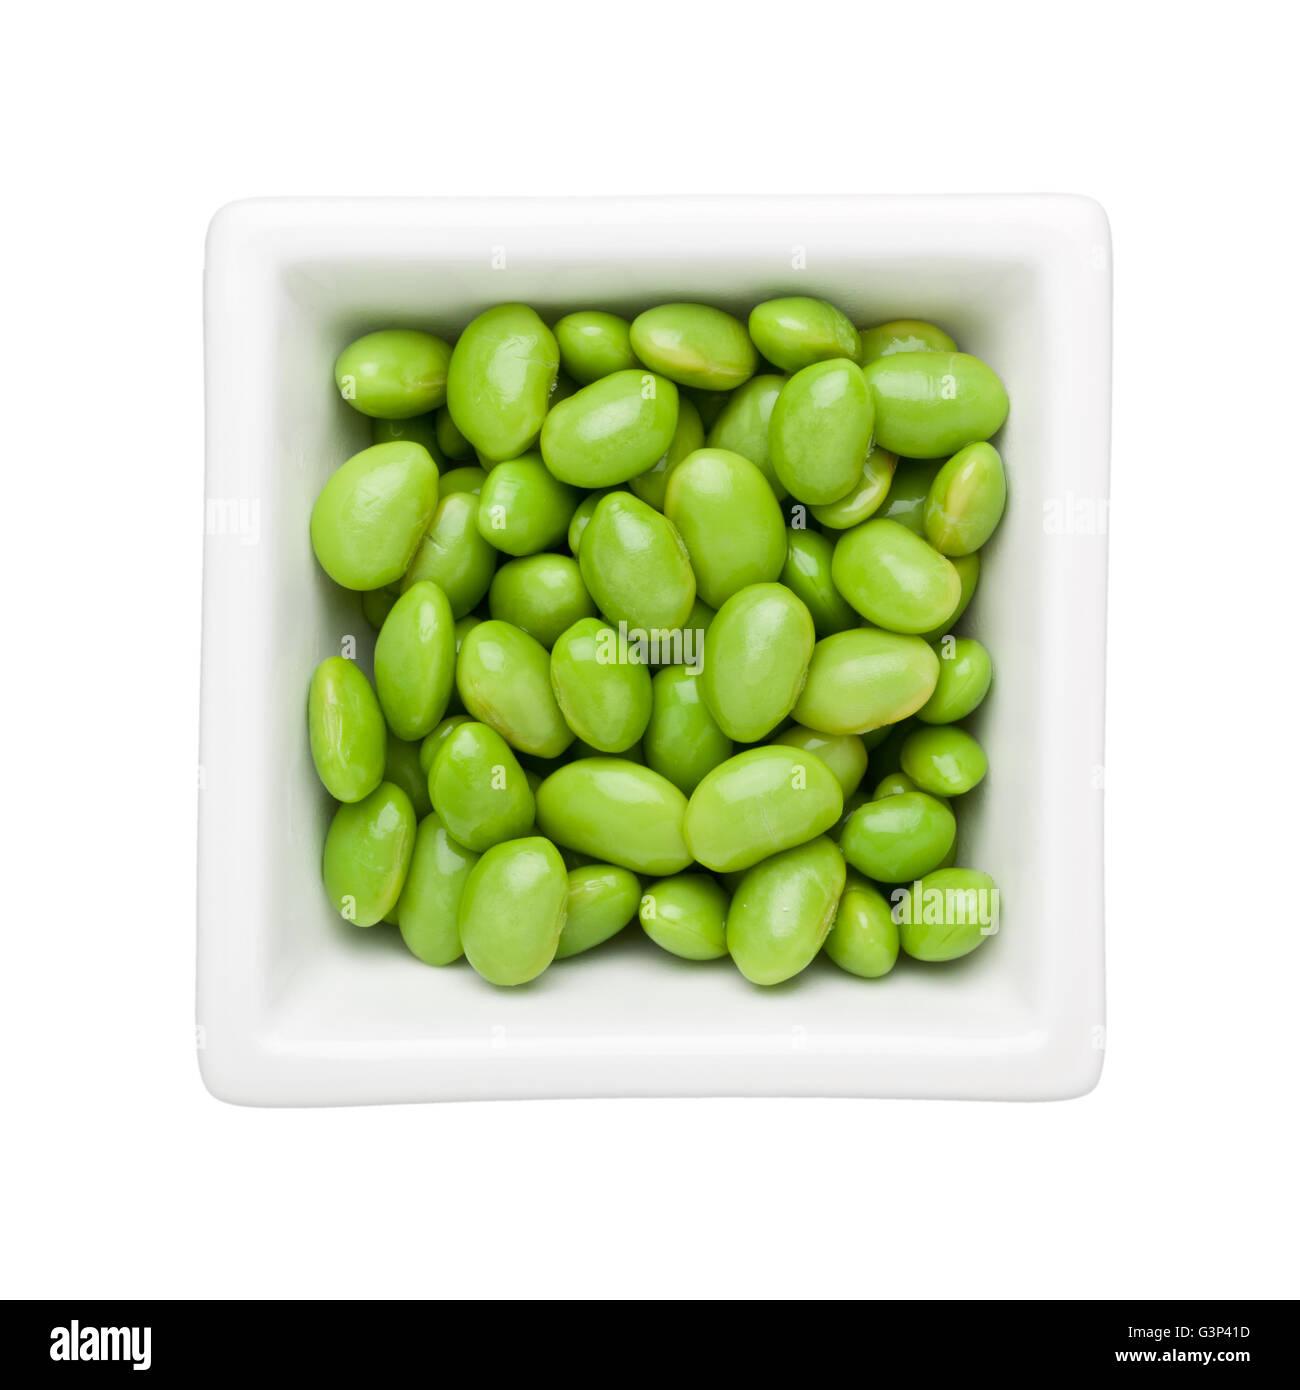 Les fèves de soja vert dans un bol carré isolé sur fond blanc Photo Stock